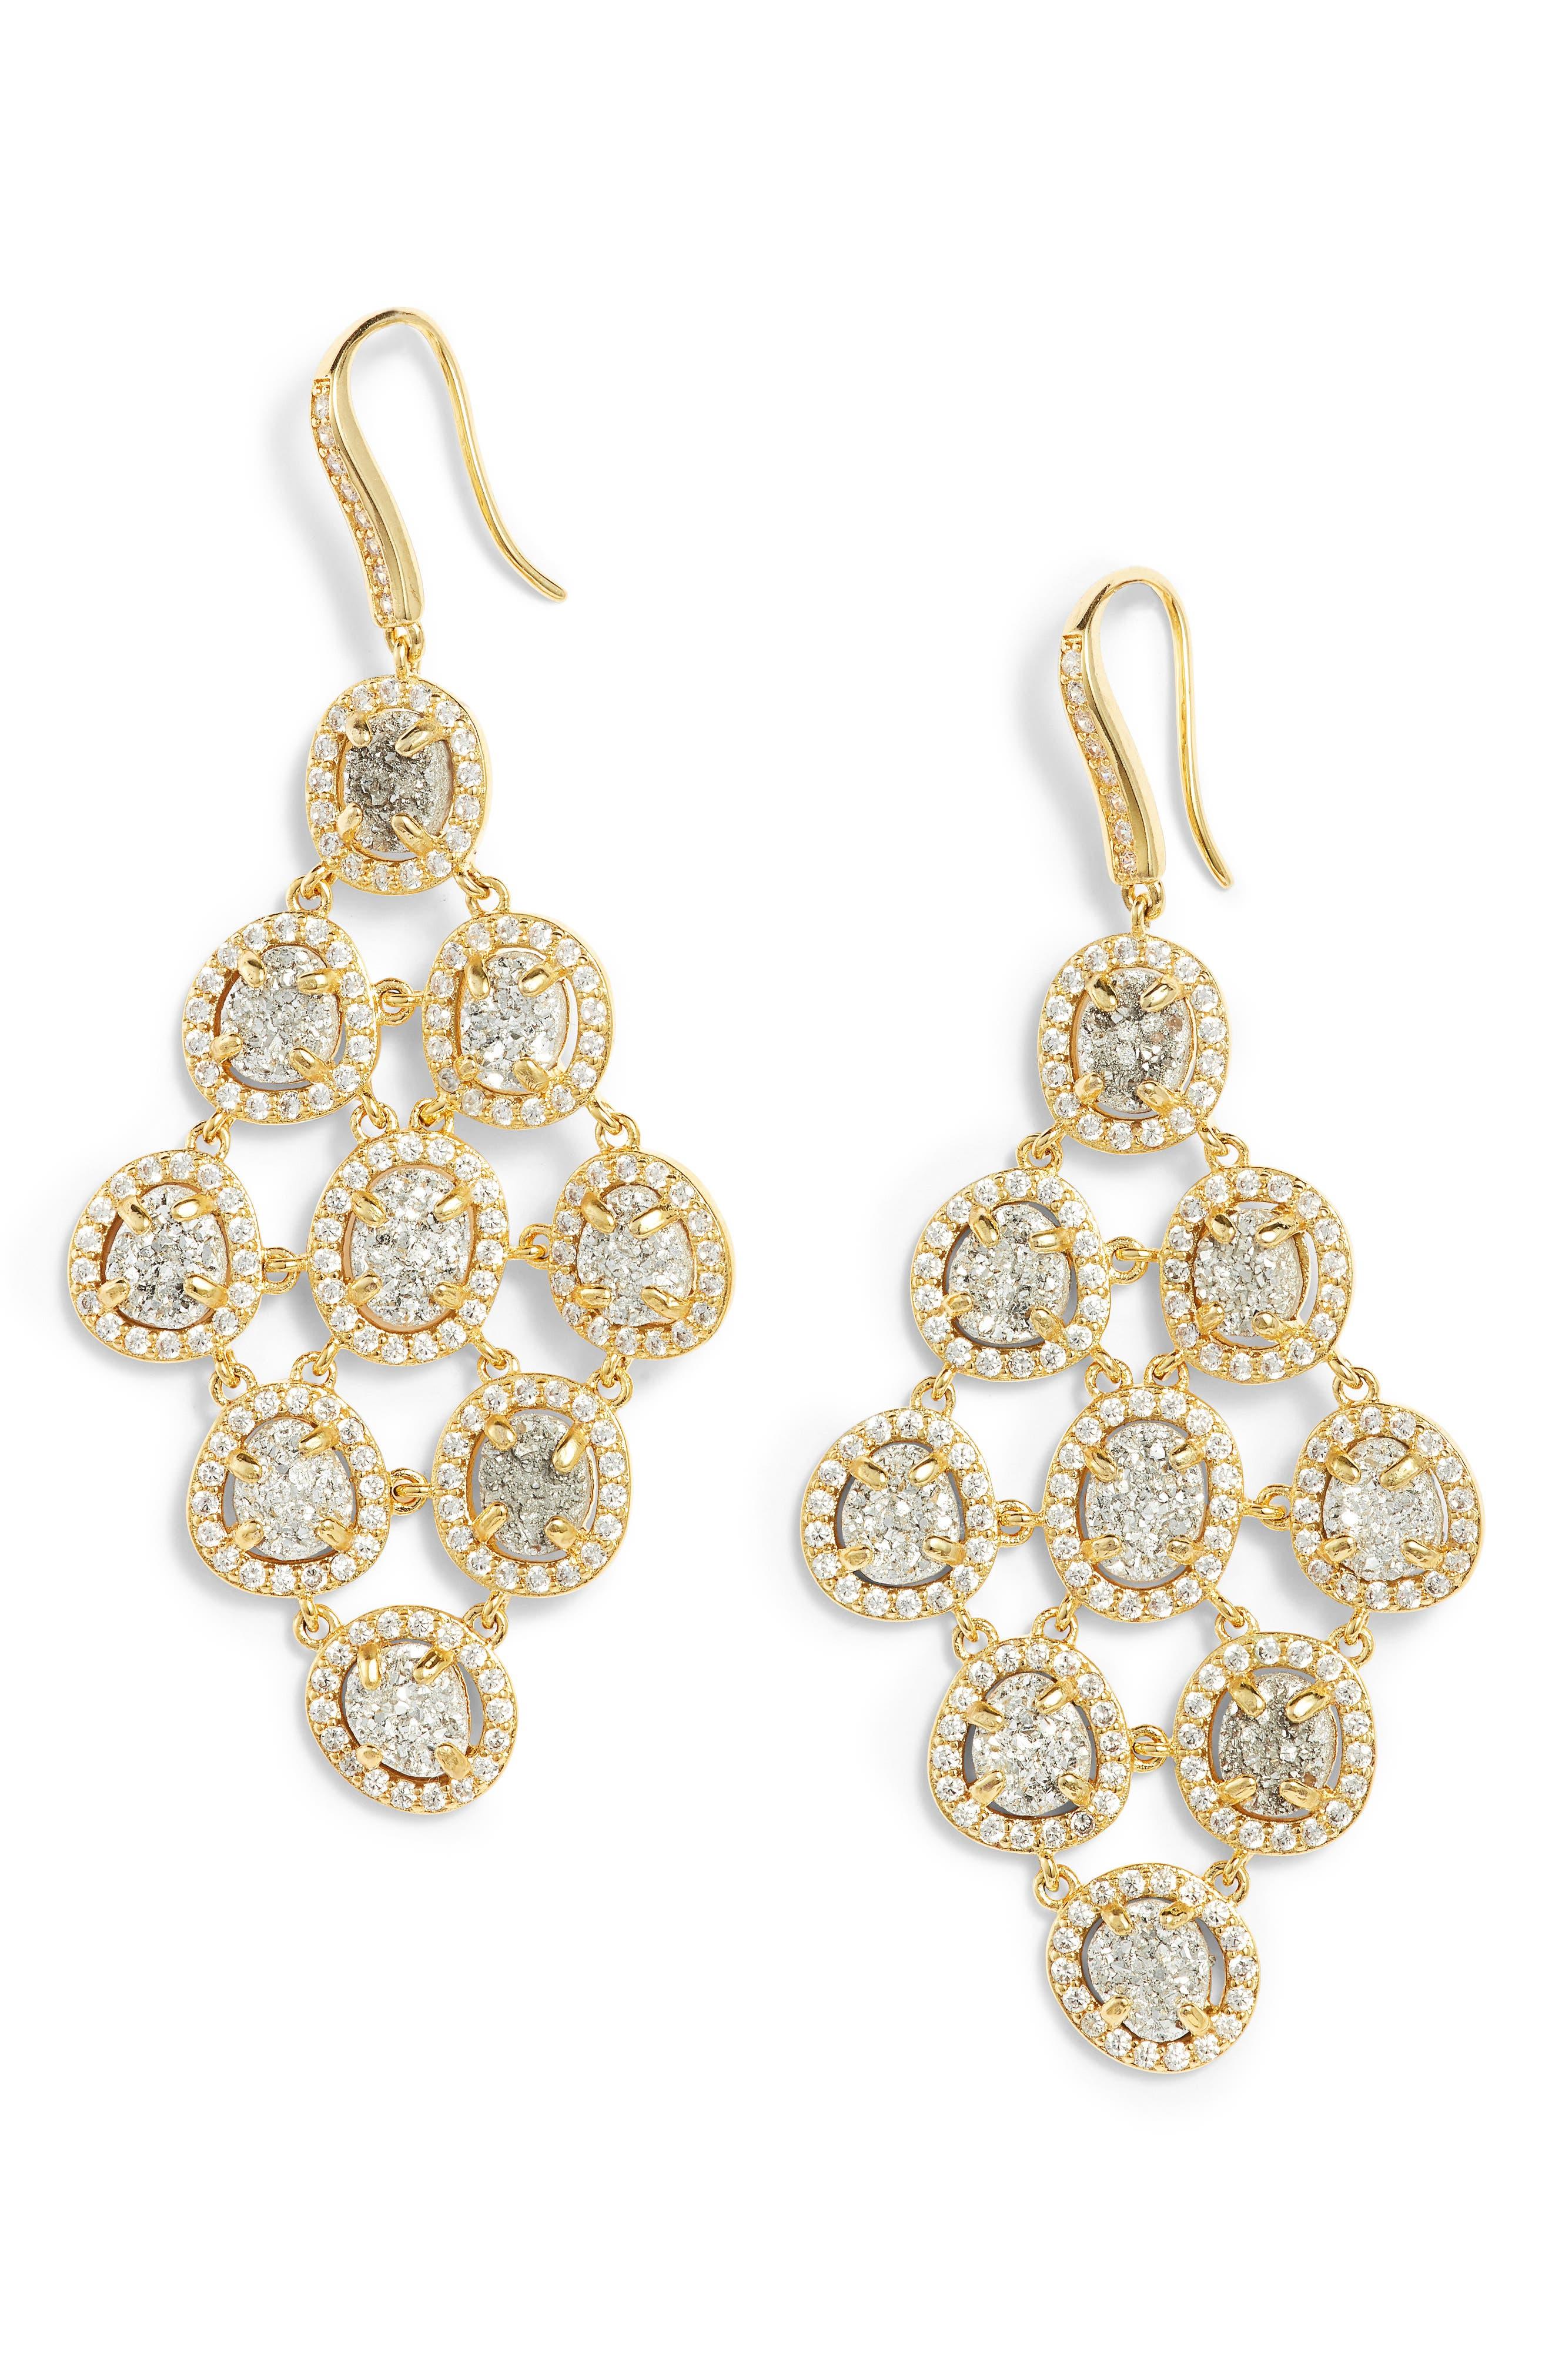 Melinda Maria Natalie Chandelier Earrings